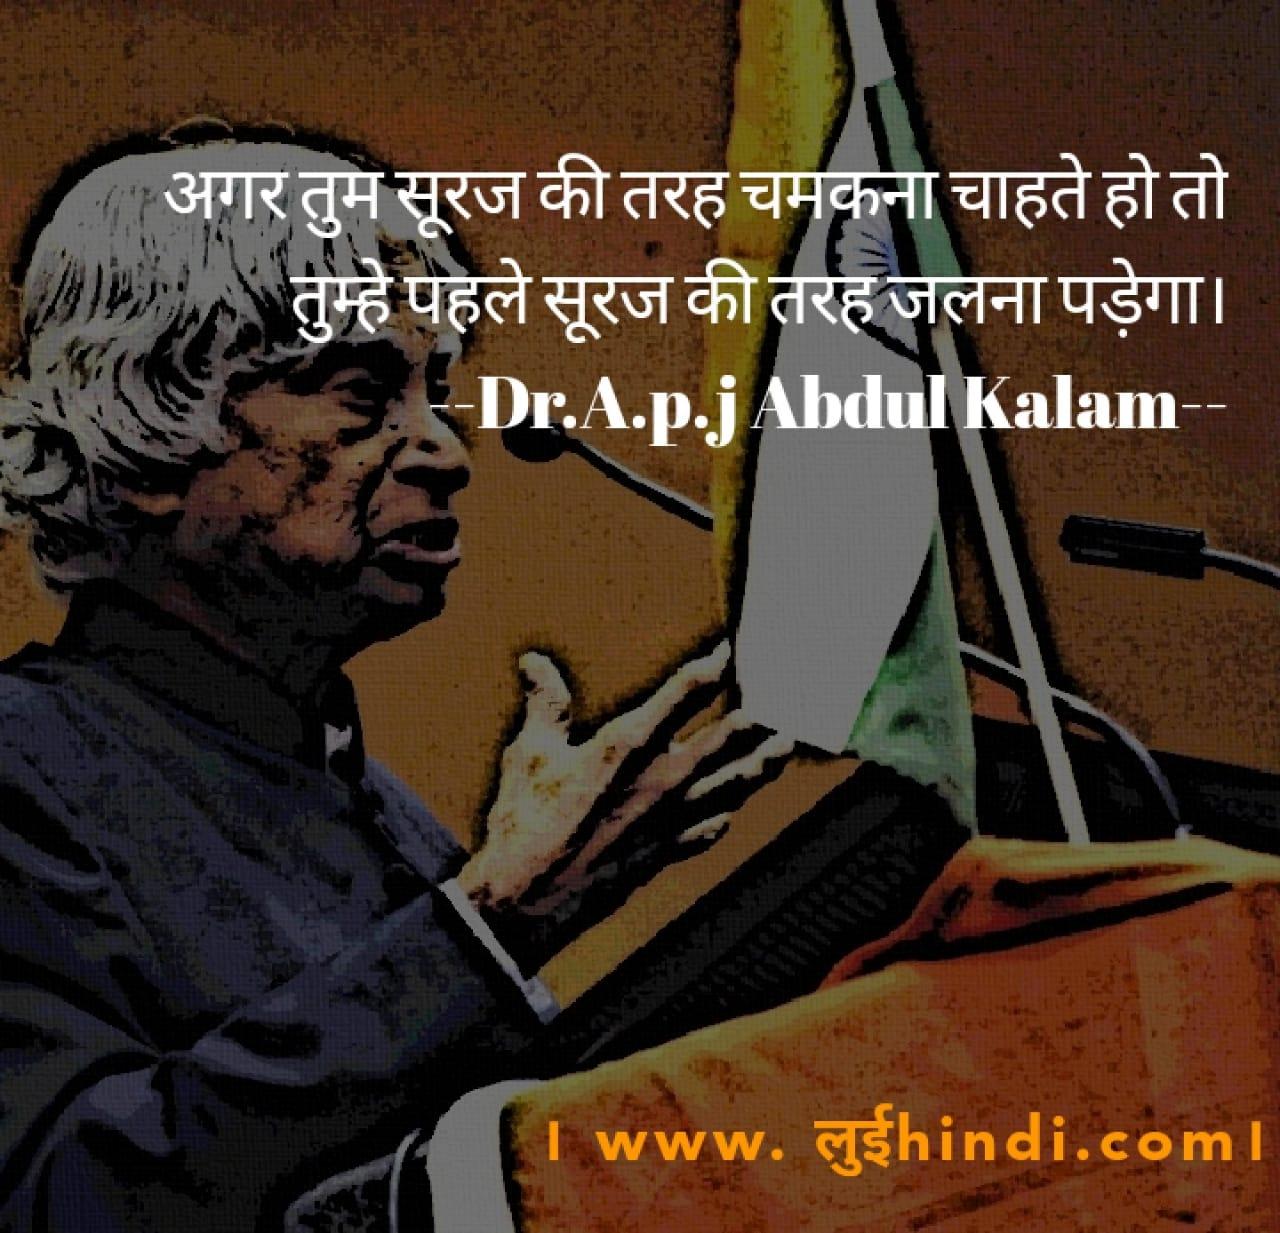 Dr. A.P.J Abdul Kalam - www.luiehindi.com